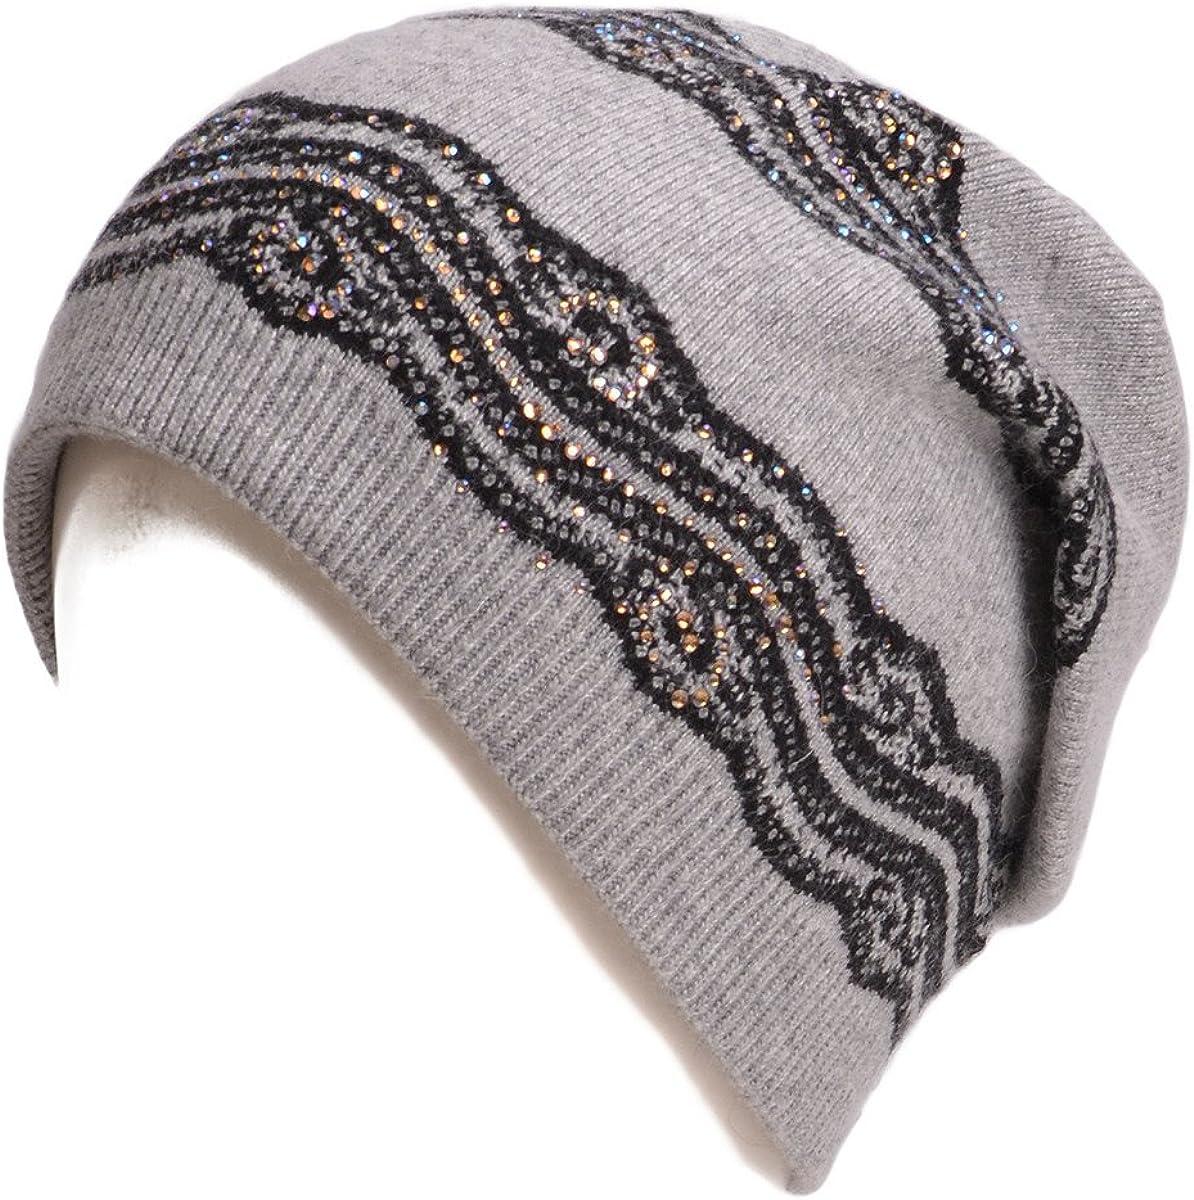 Lawliet Wool Crochet...